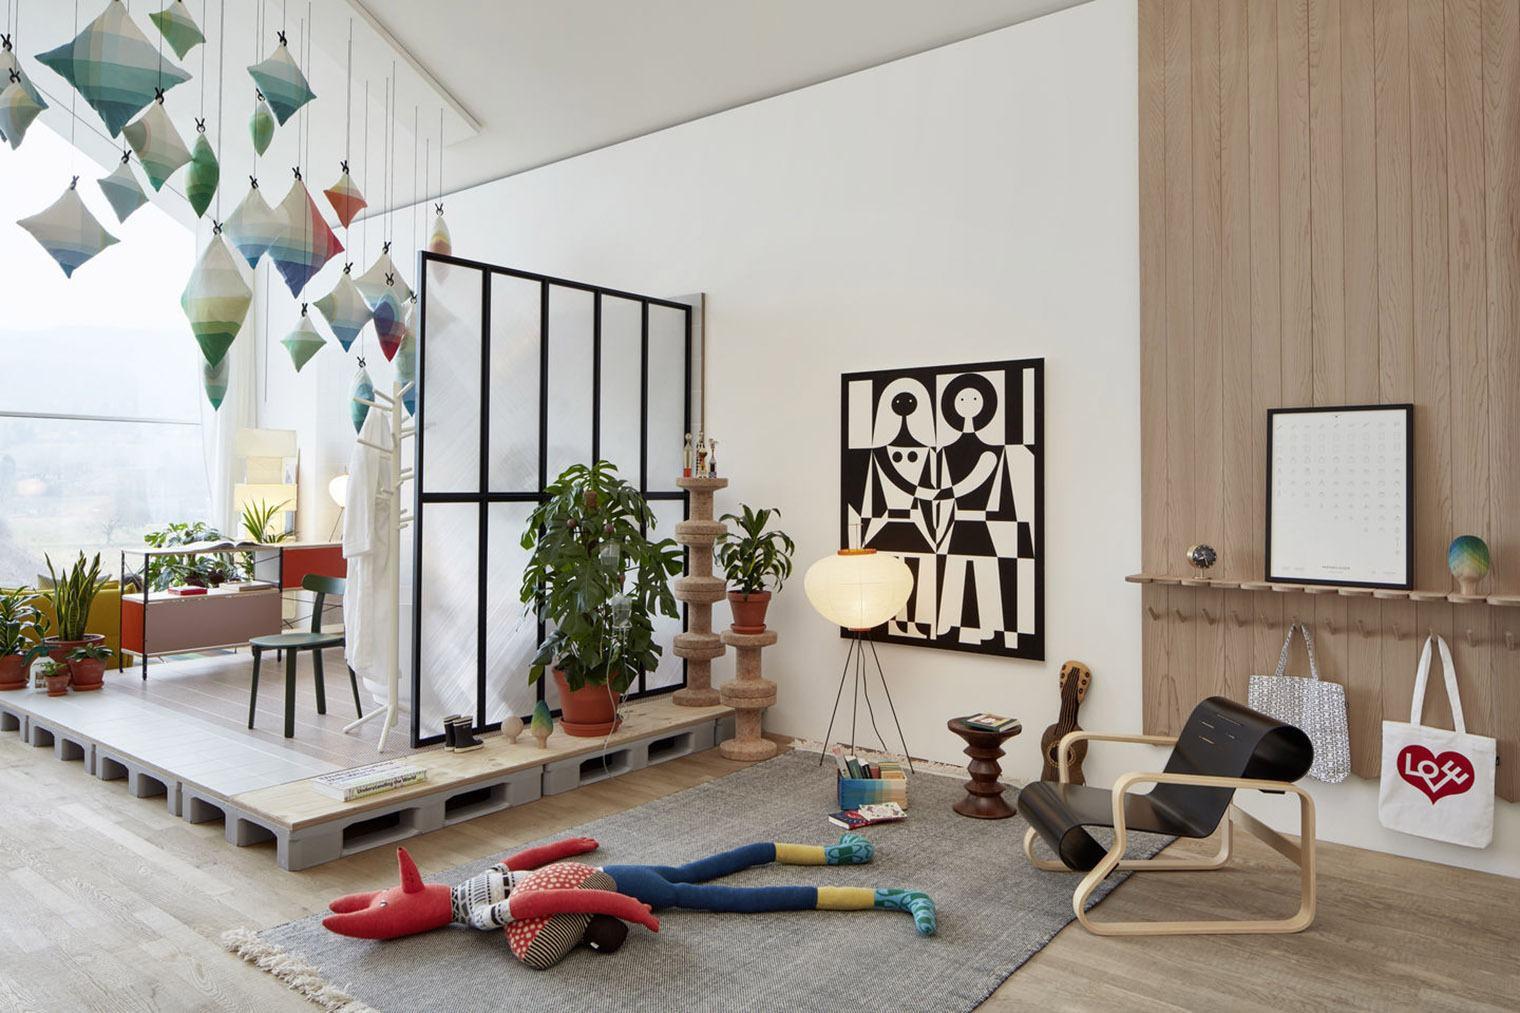 Những góc nội thất hiện đại với cách bố trí vô cùng sáng tạo trong căn hộ nhỏ - Ảnh 4.